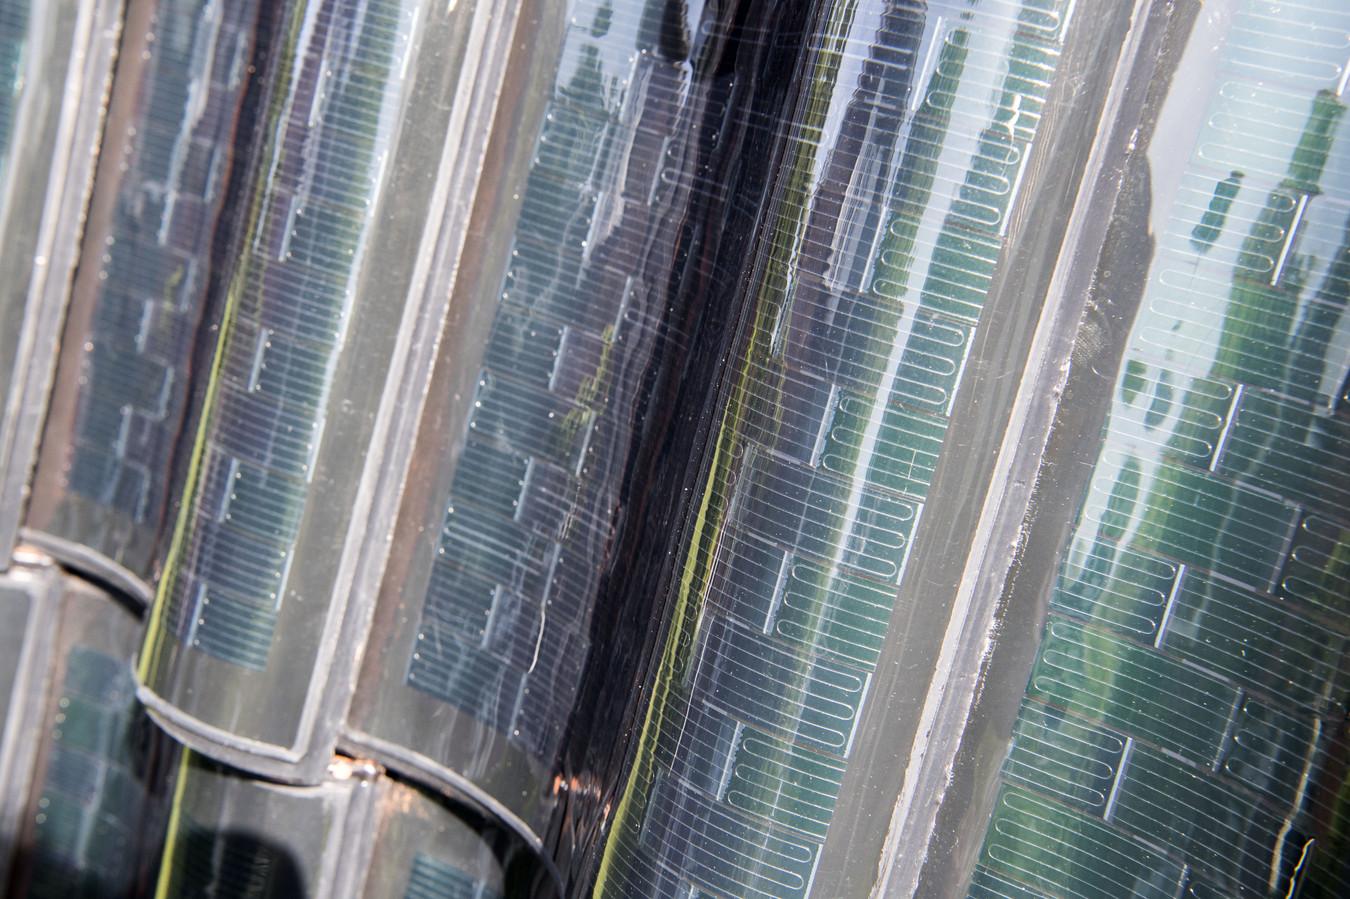 De film van zonnecellen op een traditionele dakpan.